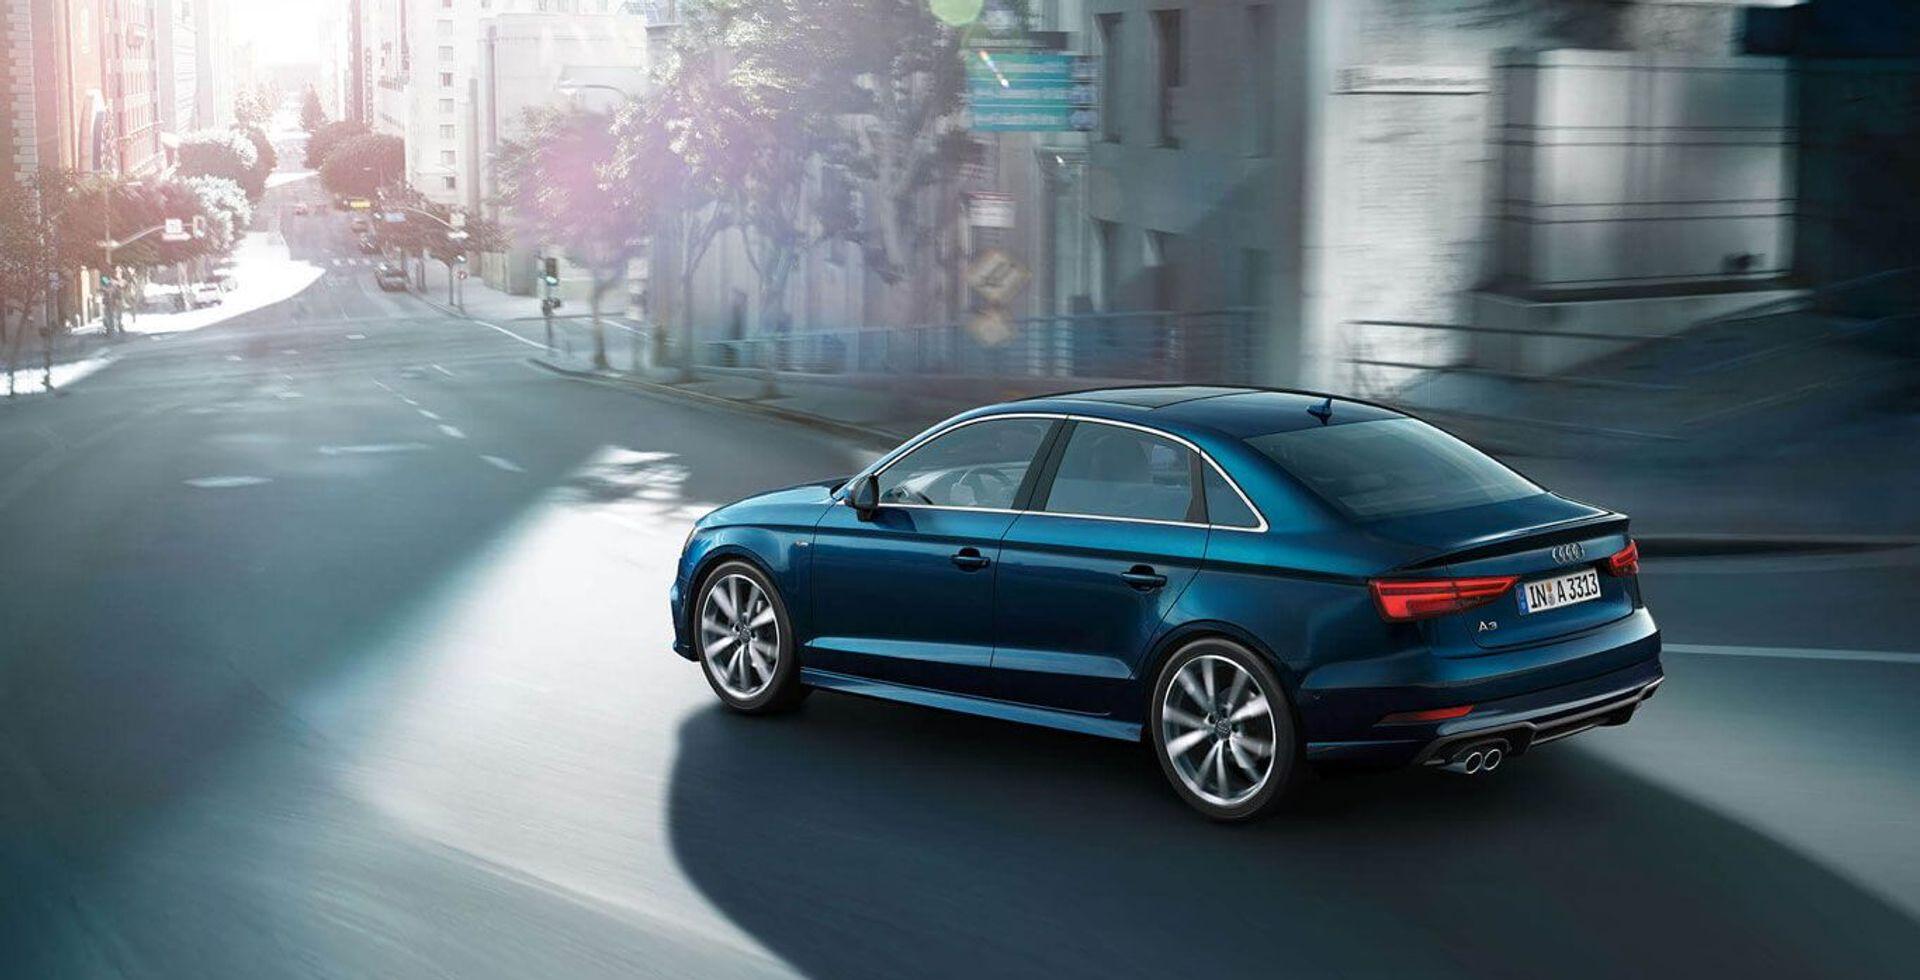 Audi A3 TDI image